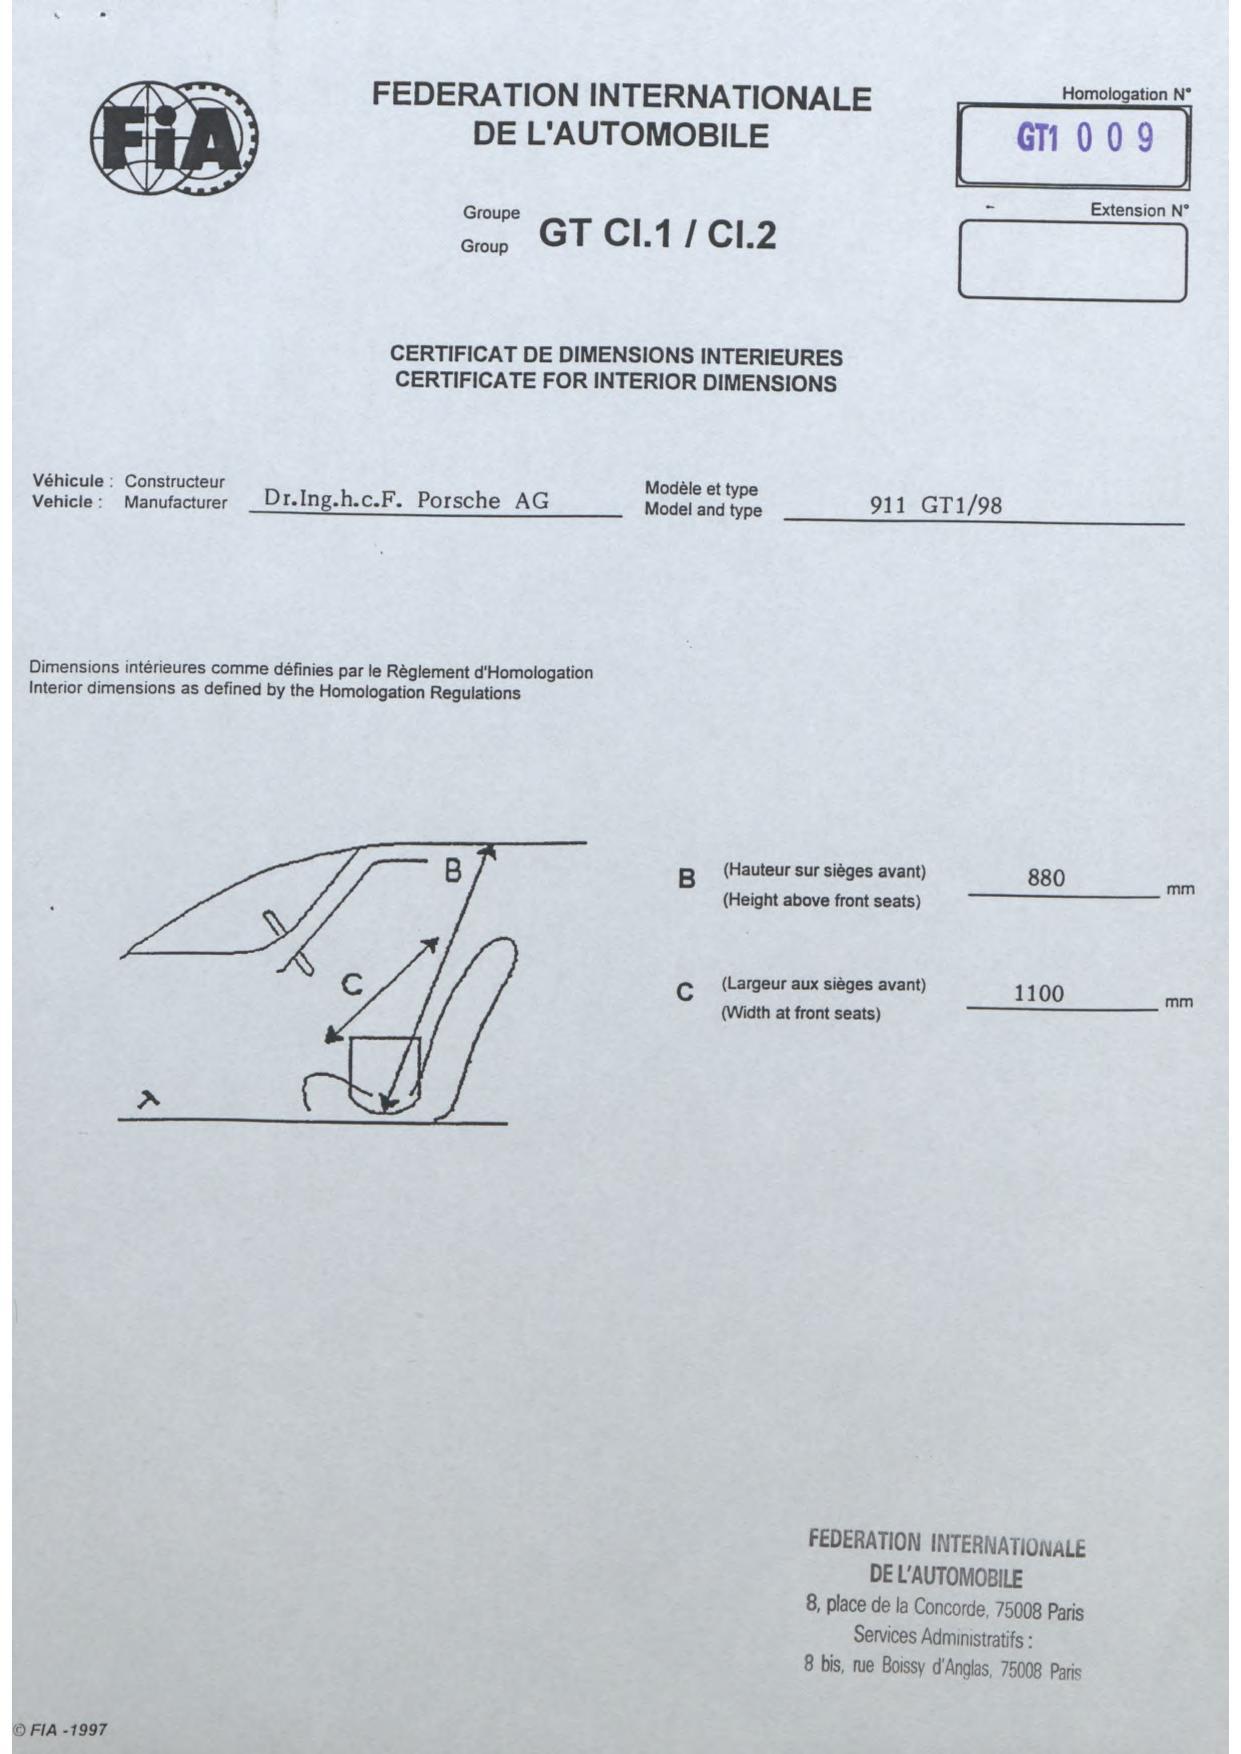 10 Cozy Prix D'une Porsche 911 Gt1 Cars Trend